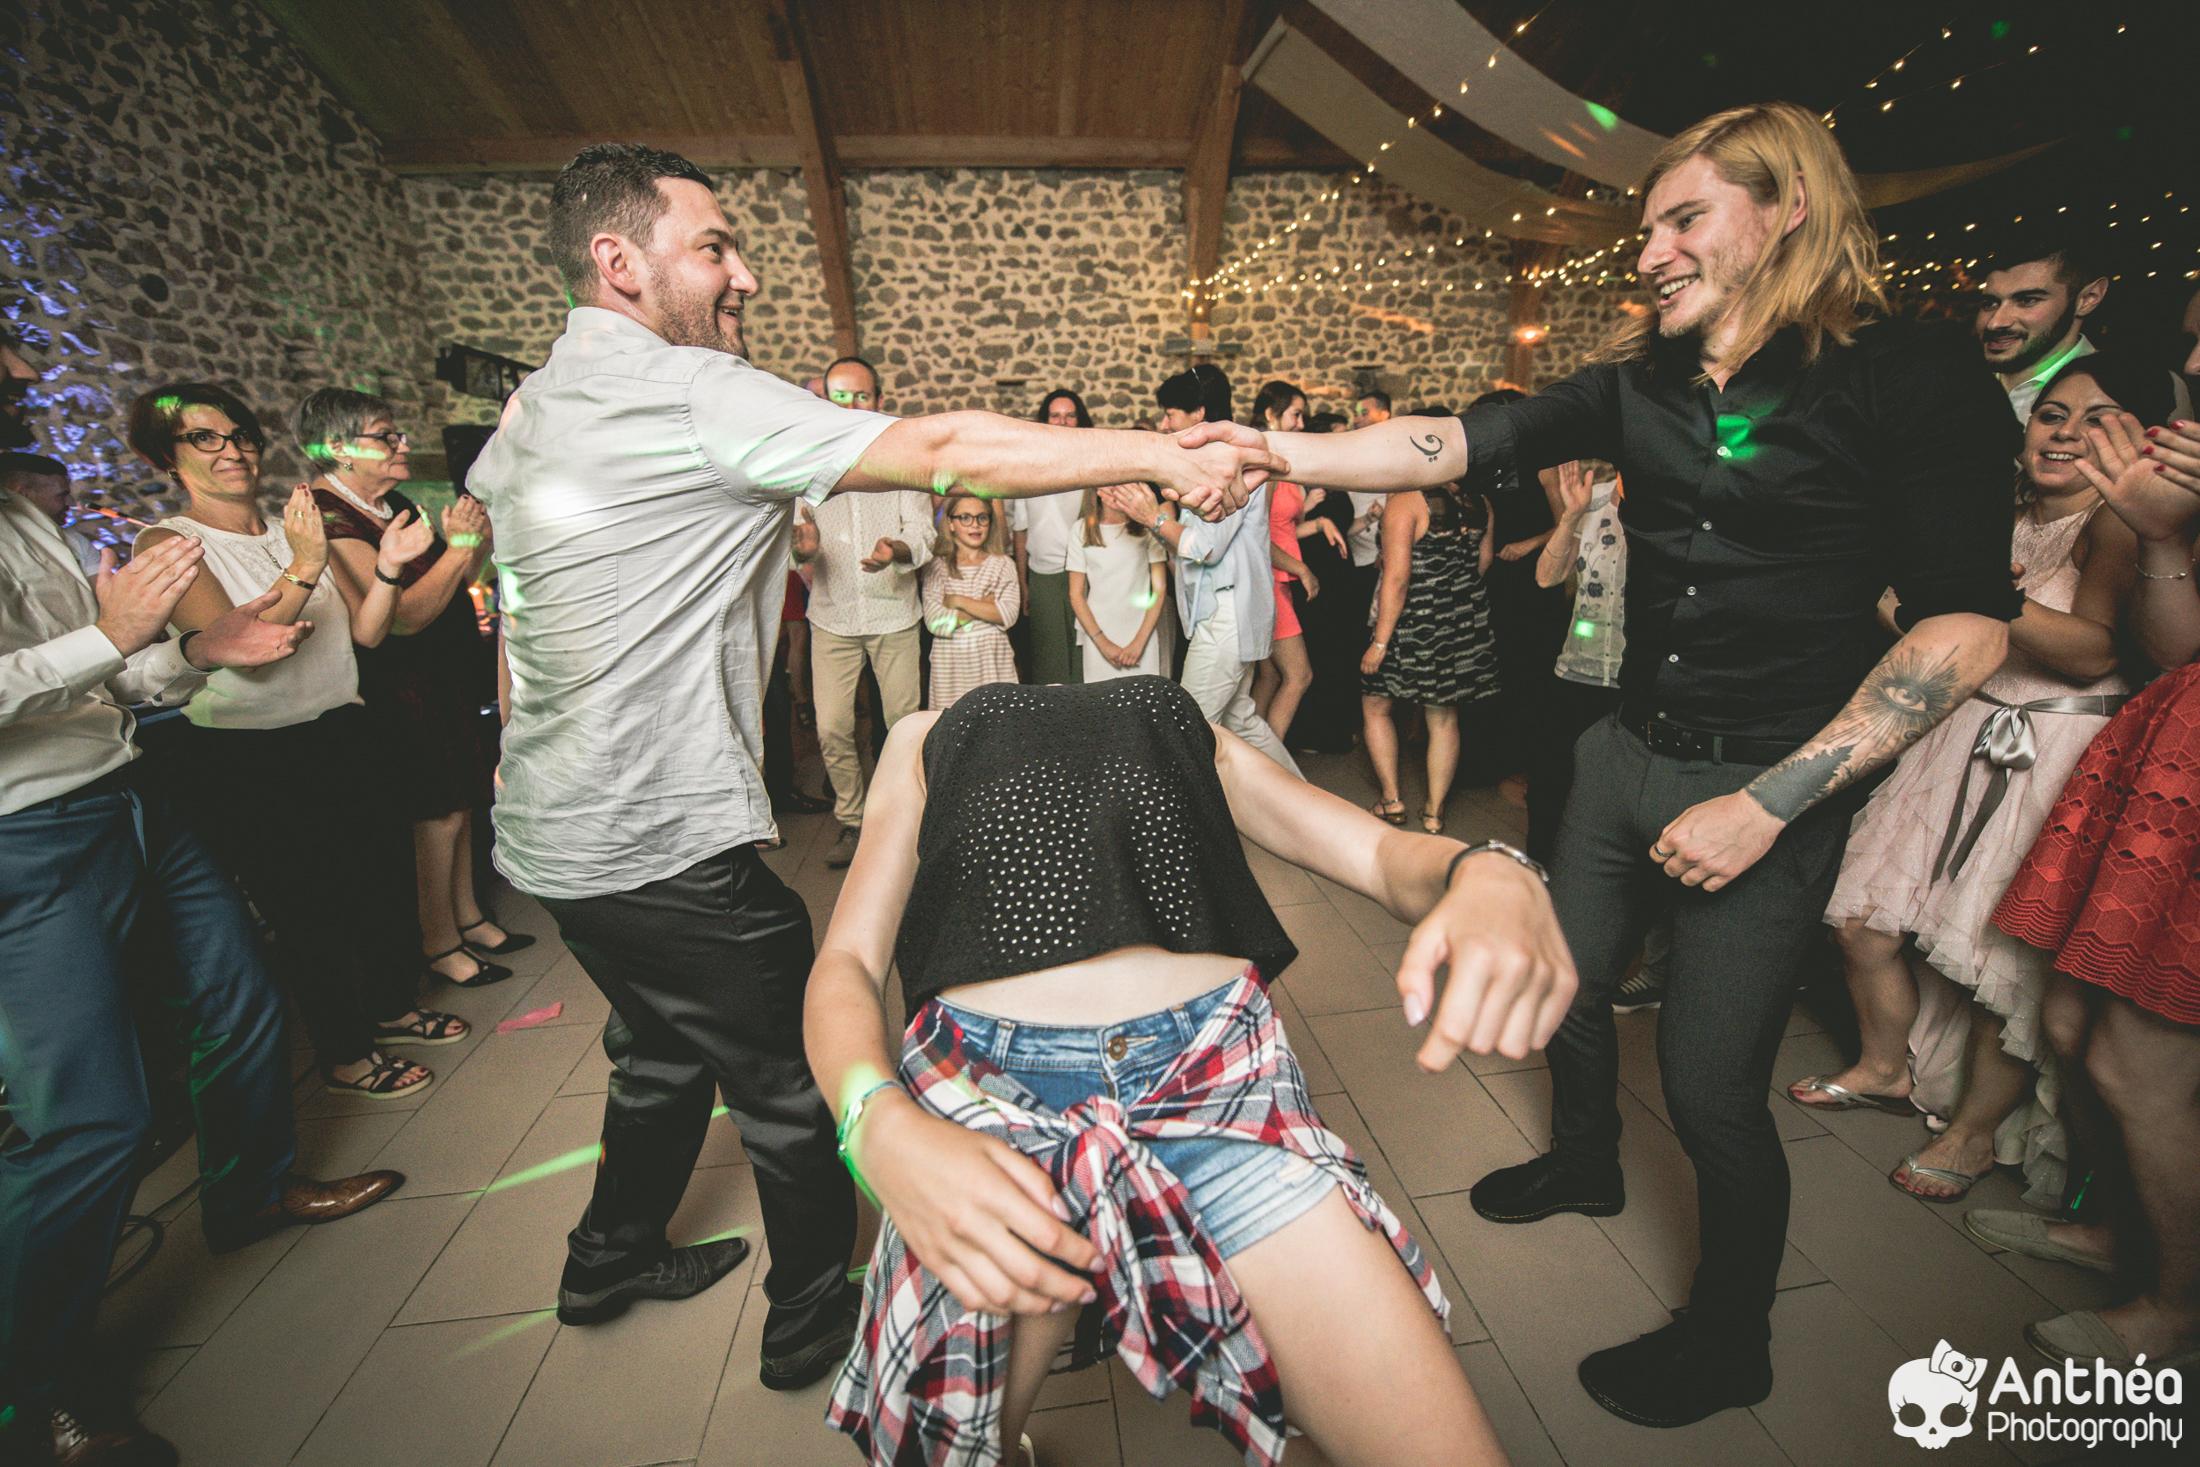 danse et ambiance soirée mariage